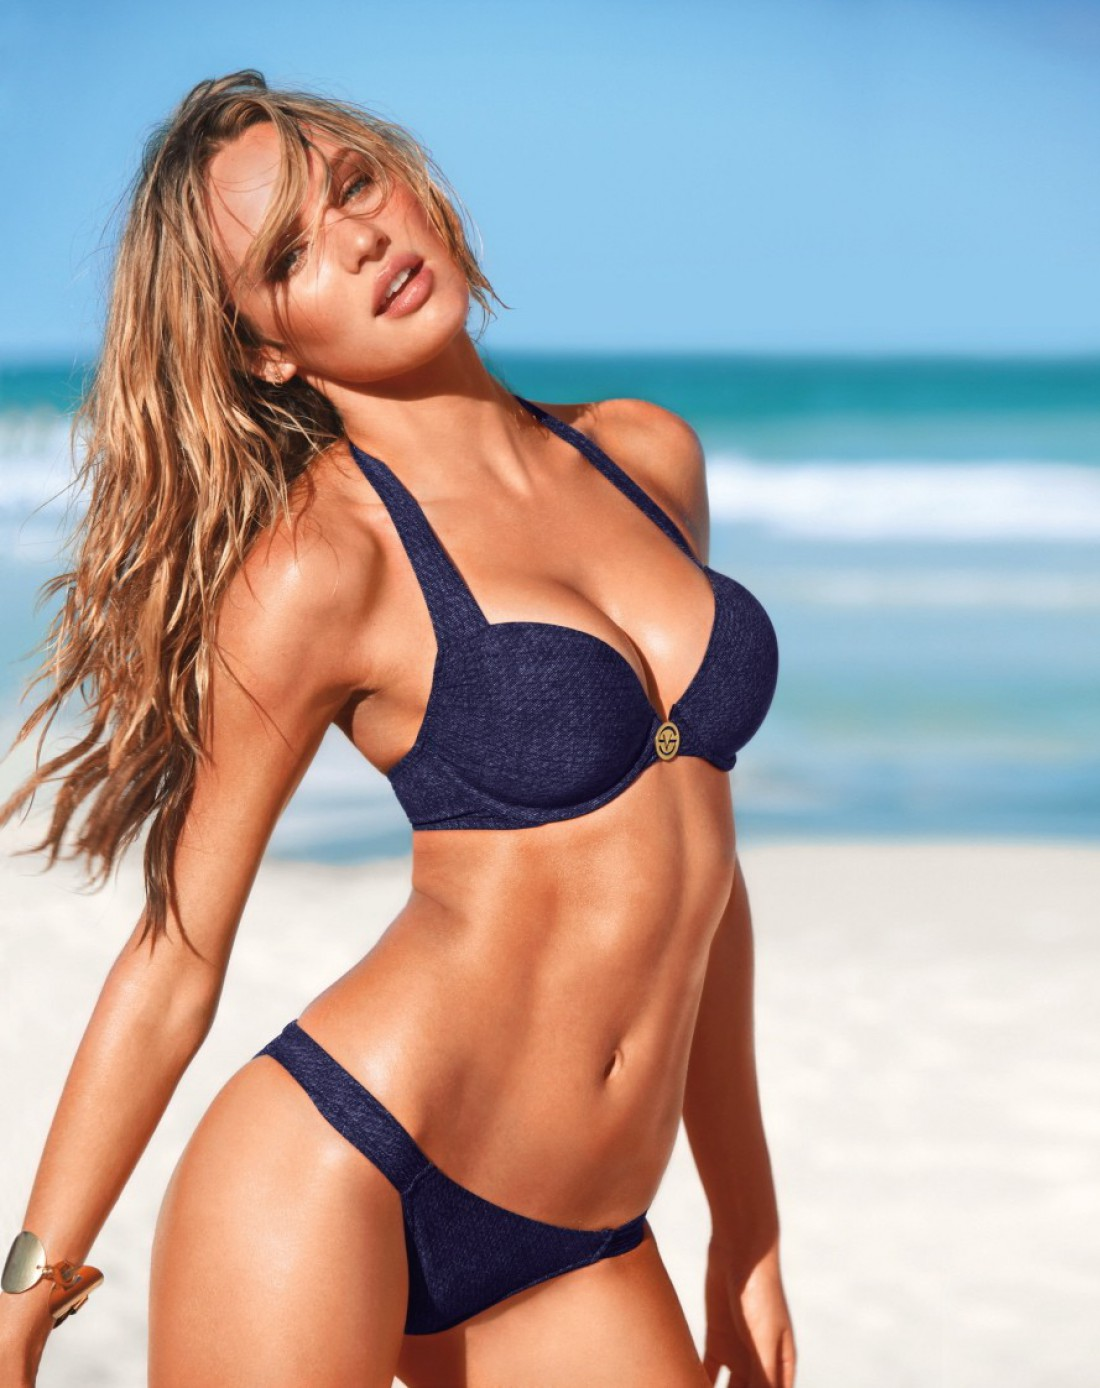 f0d162f651036 Бренд Victoria's Secret больше не будет выпускать купальники - IVONA ...